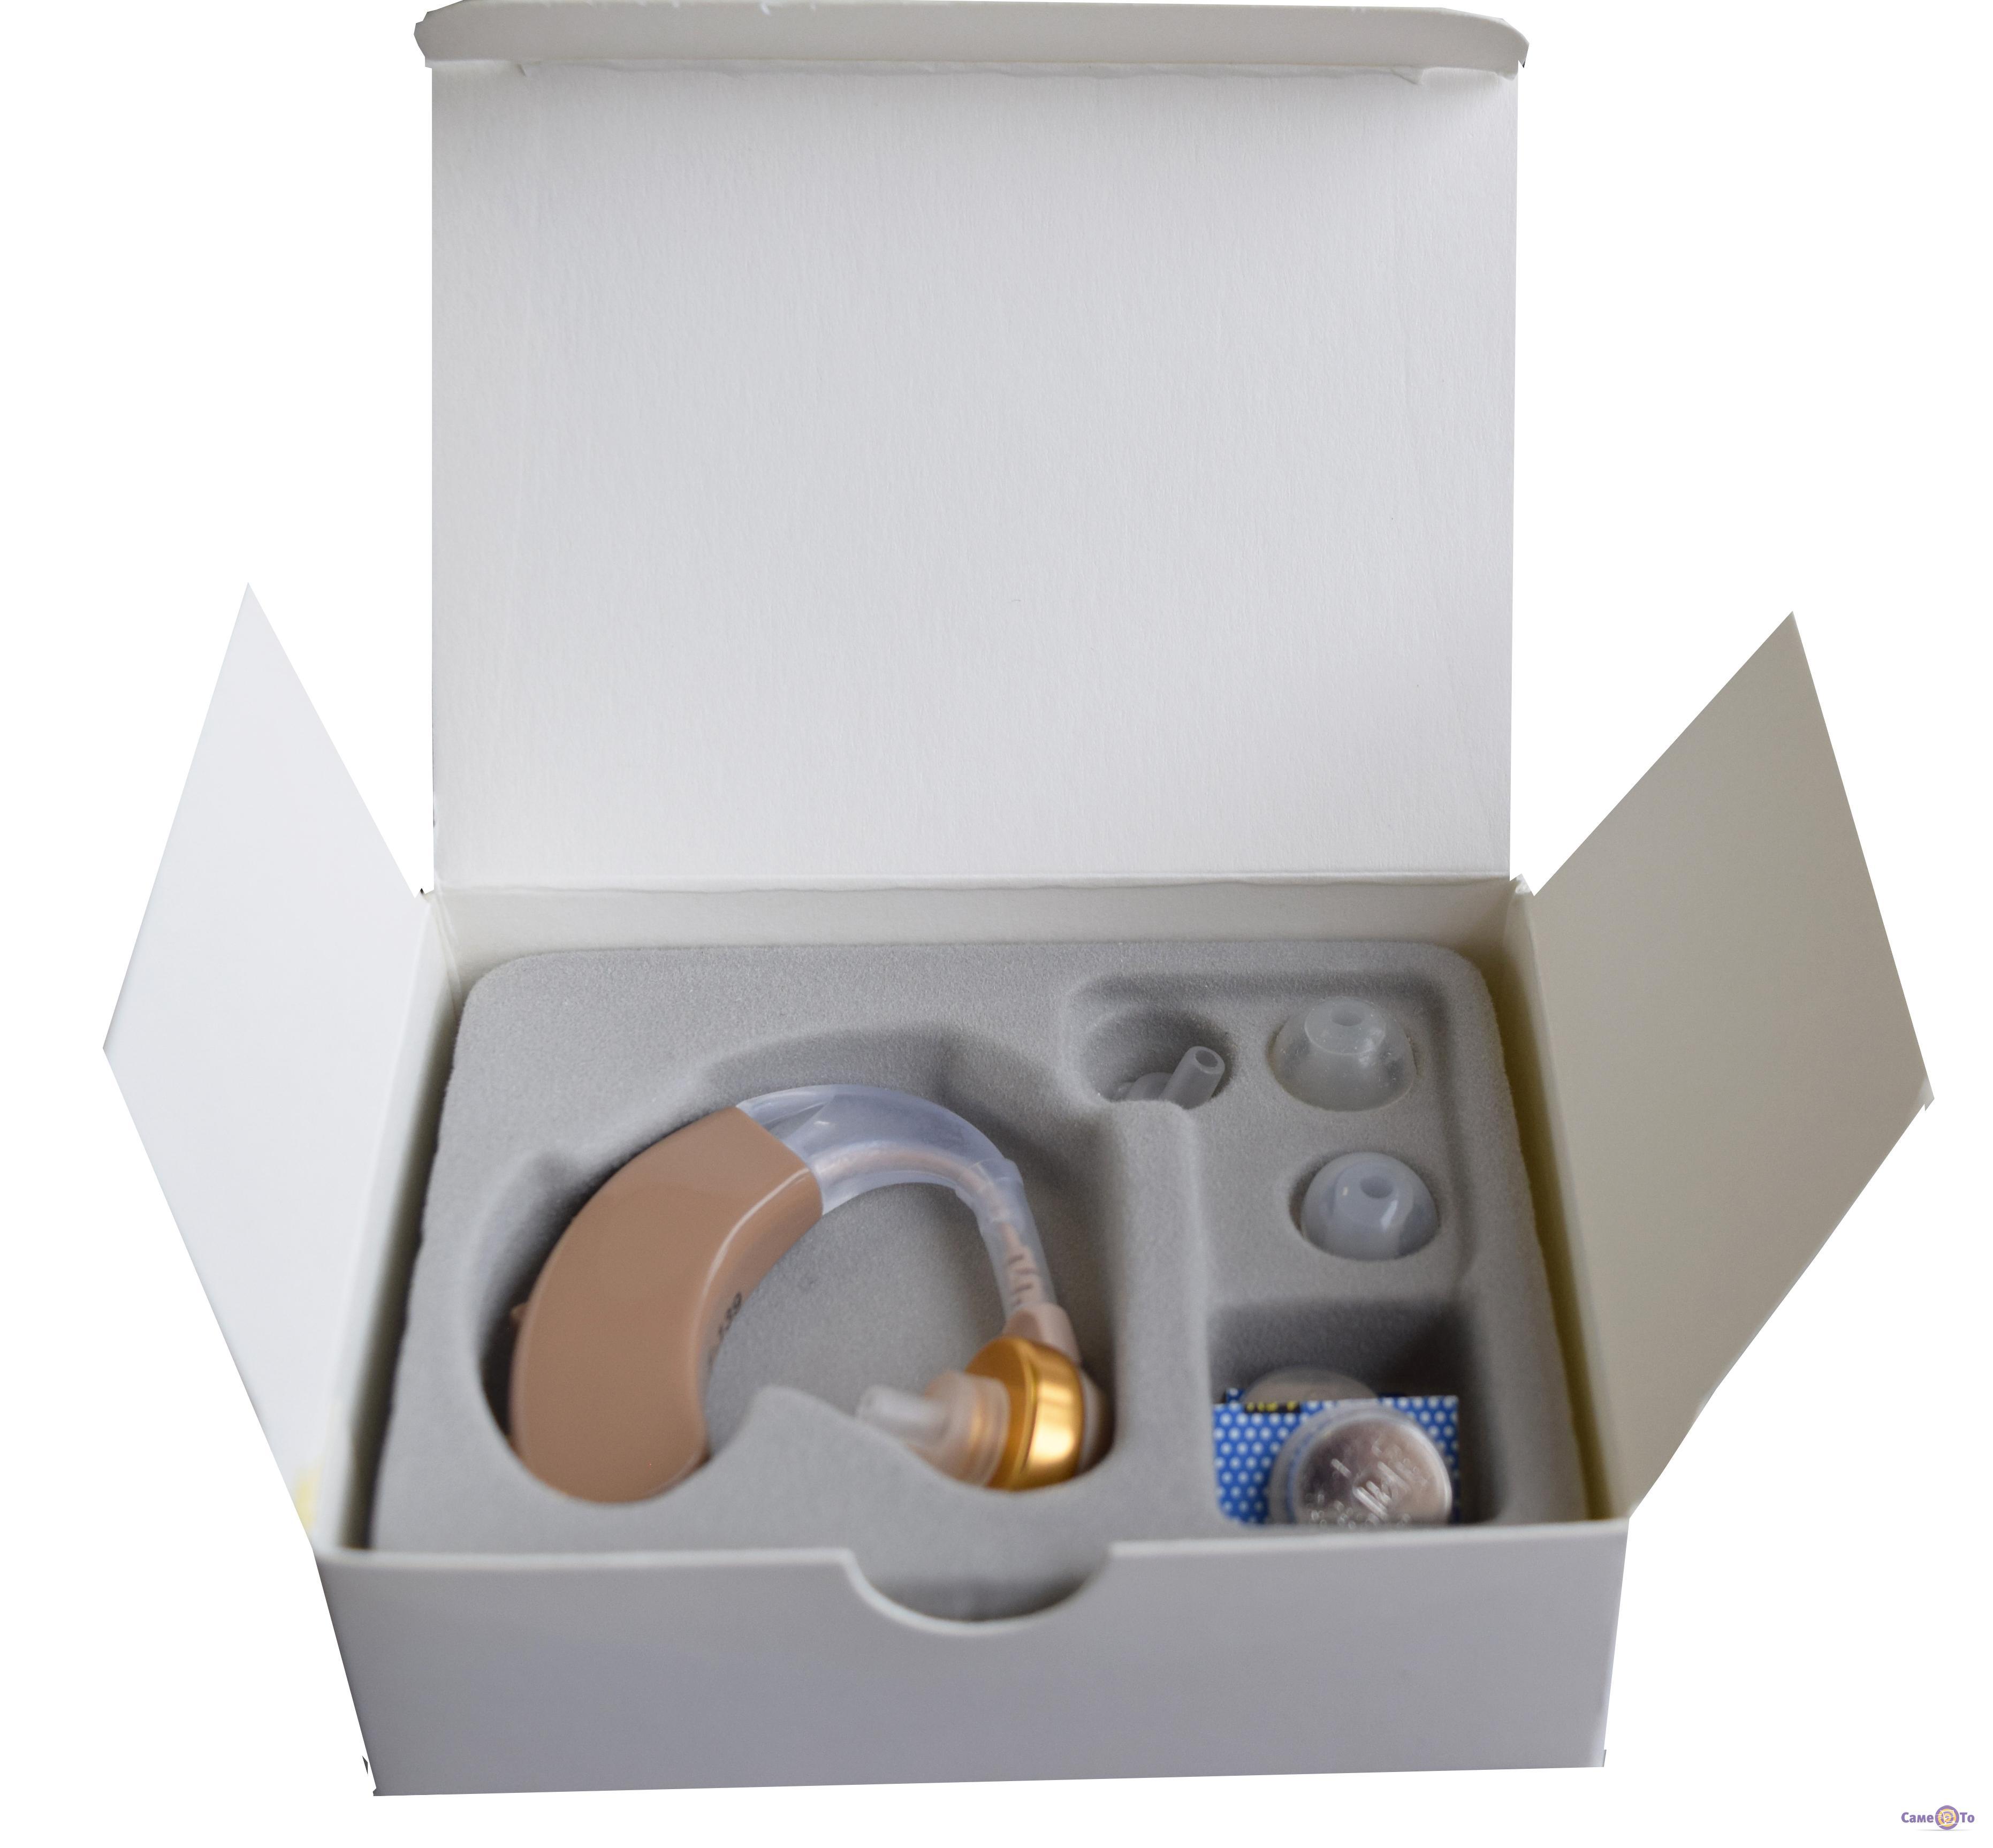 Axon F 139 слуховой апарат, портативный усилитель слуха для слабослышащих